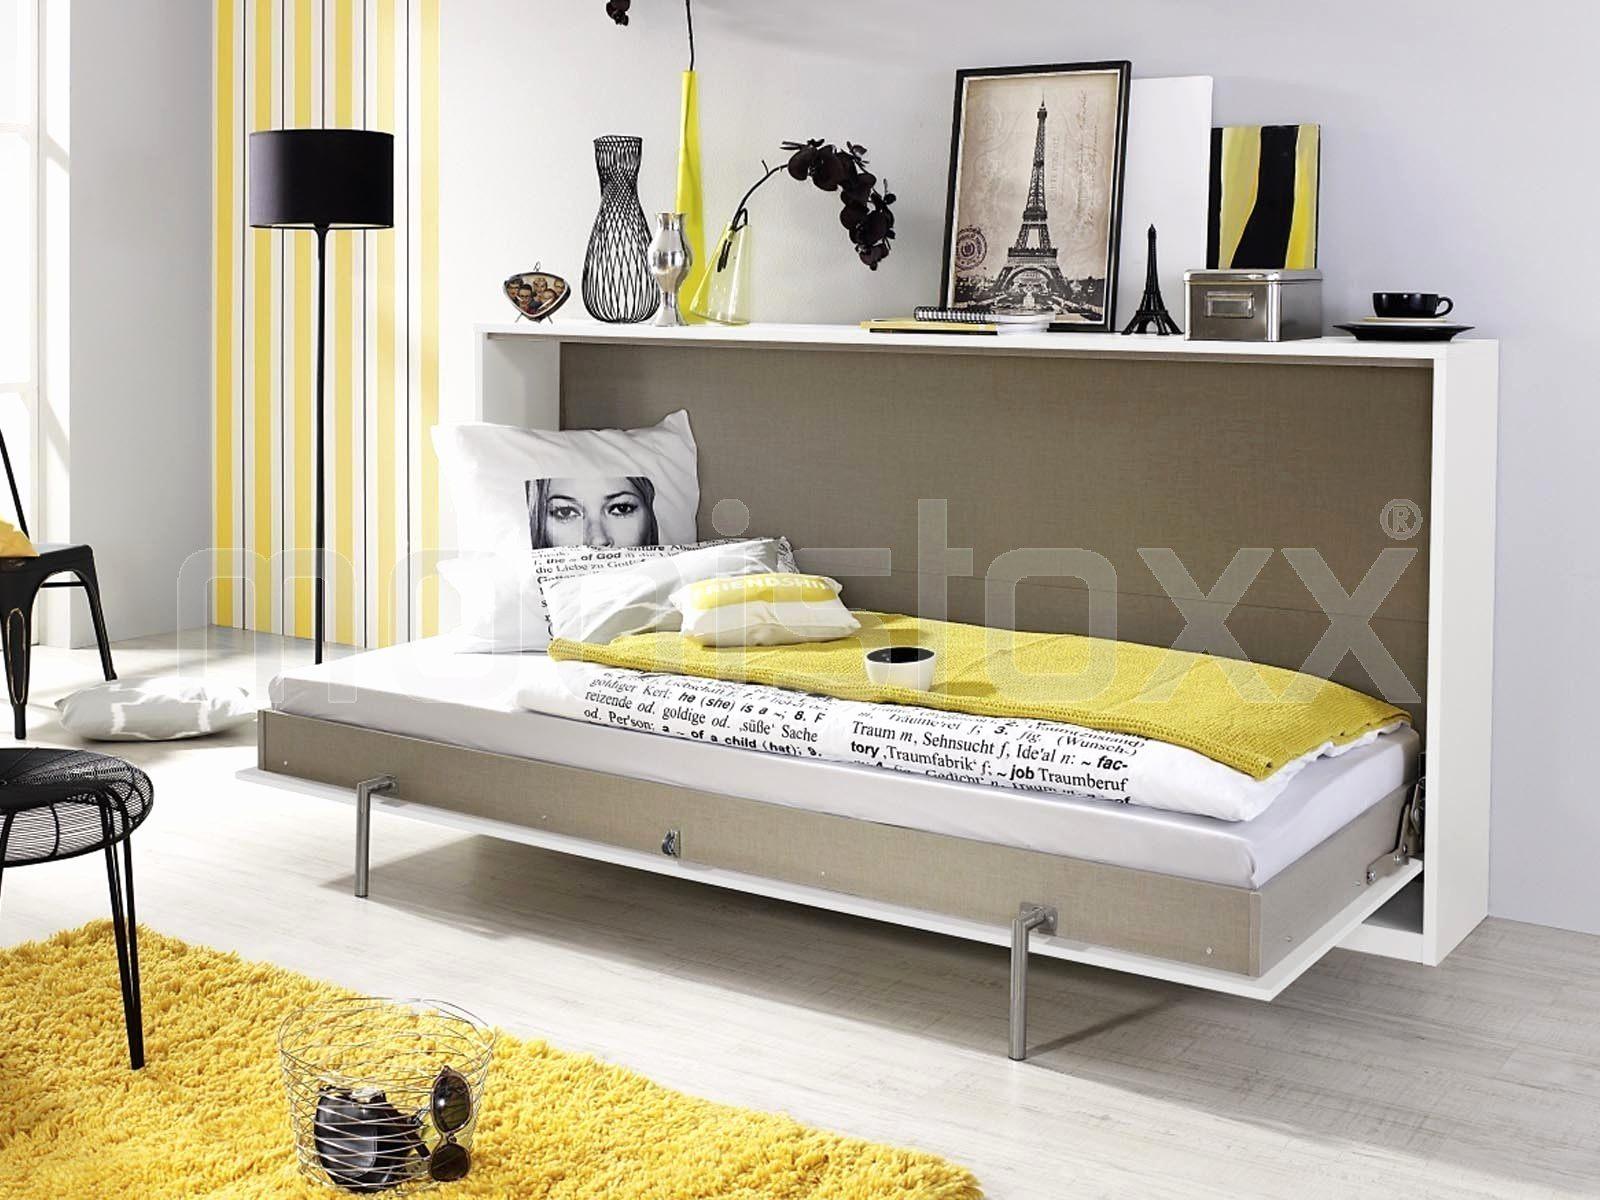 Cadre De Lit 160×200 Ikea De Luxe Structure Lit Ikea Génial Bz Dimension Luxe Structure Bz Seule Best